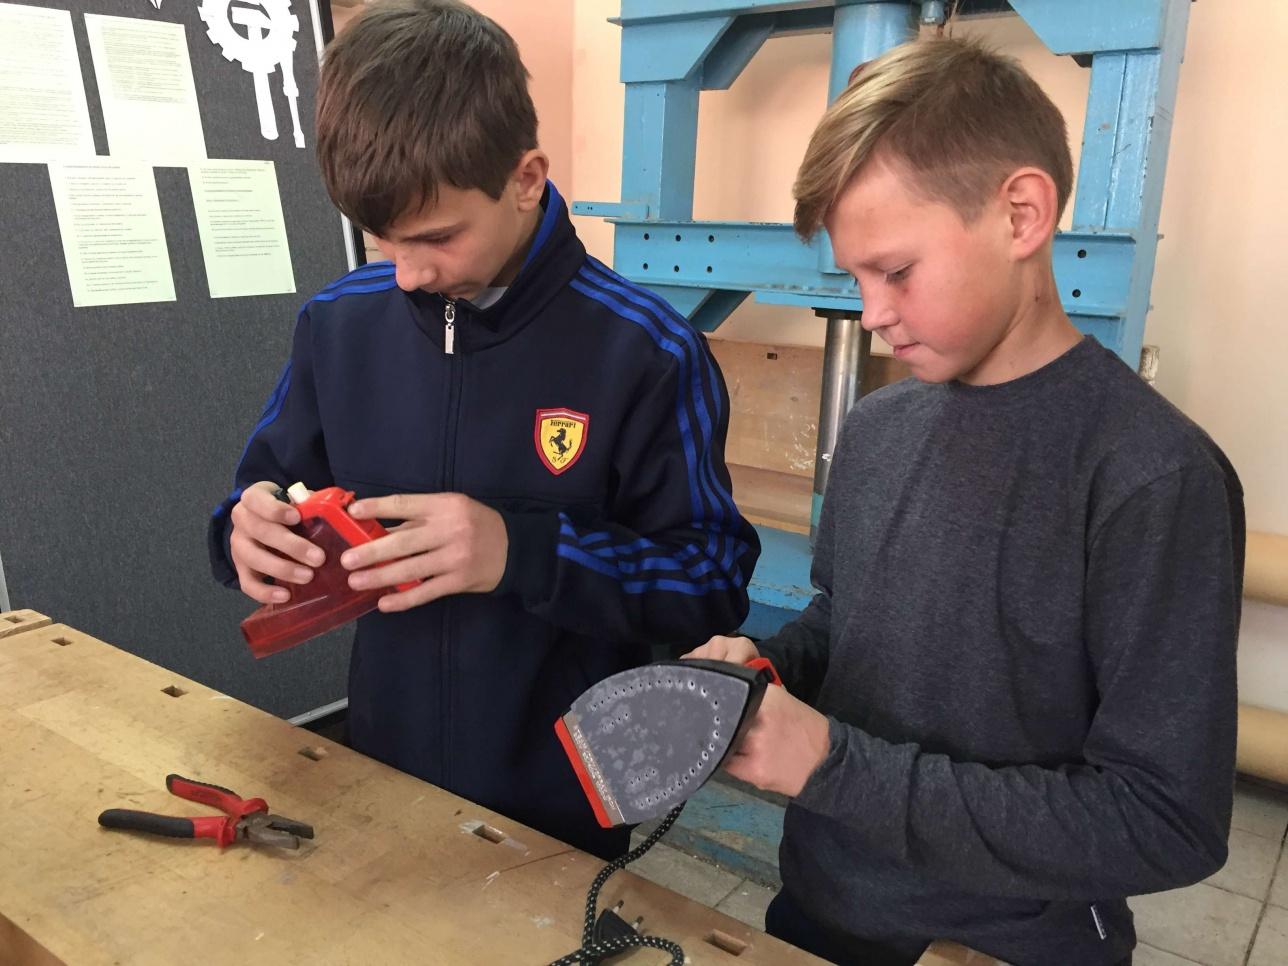 Дети обучаются ремонту электротехники в общественной мастерской Zhas Sheber.